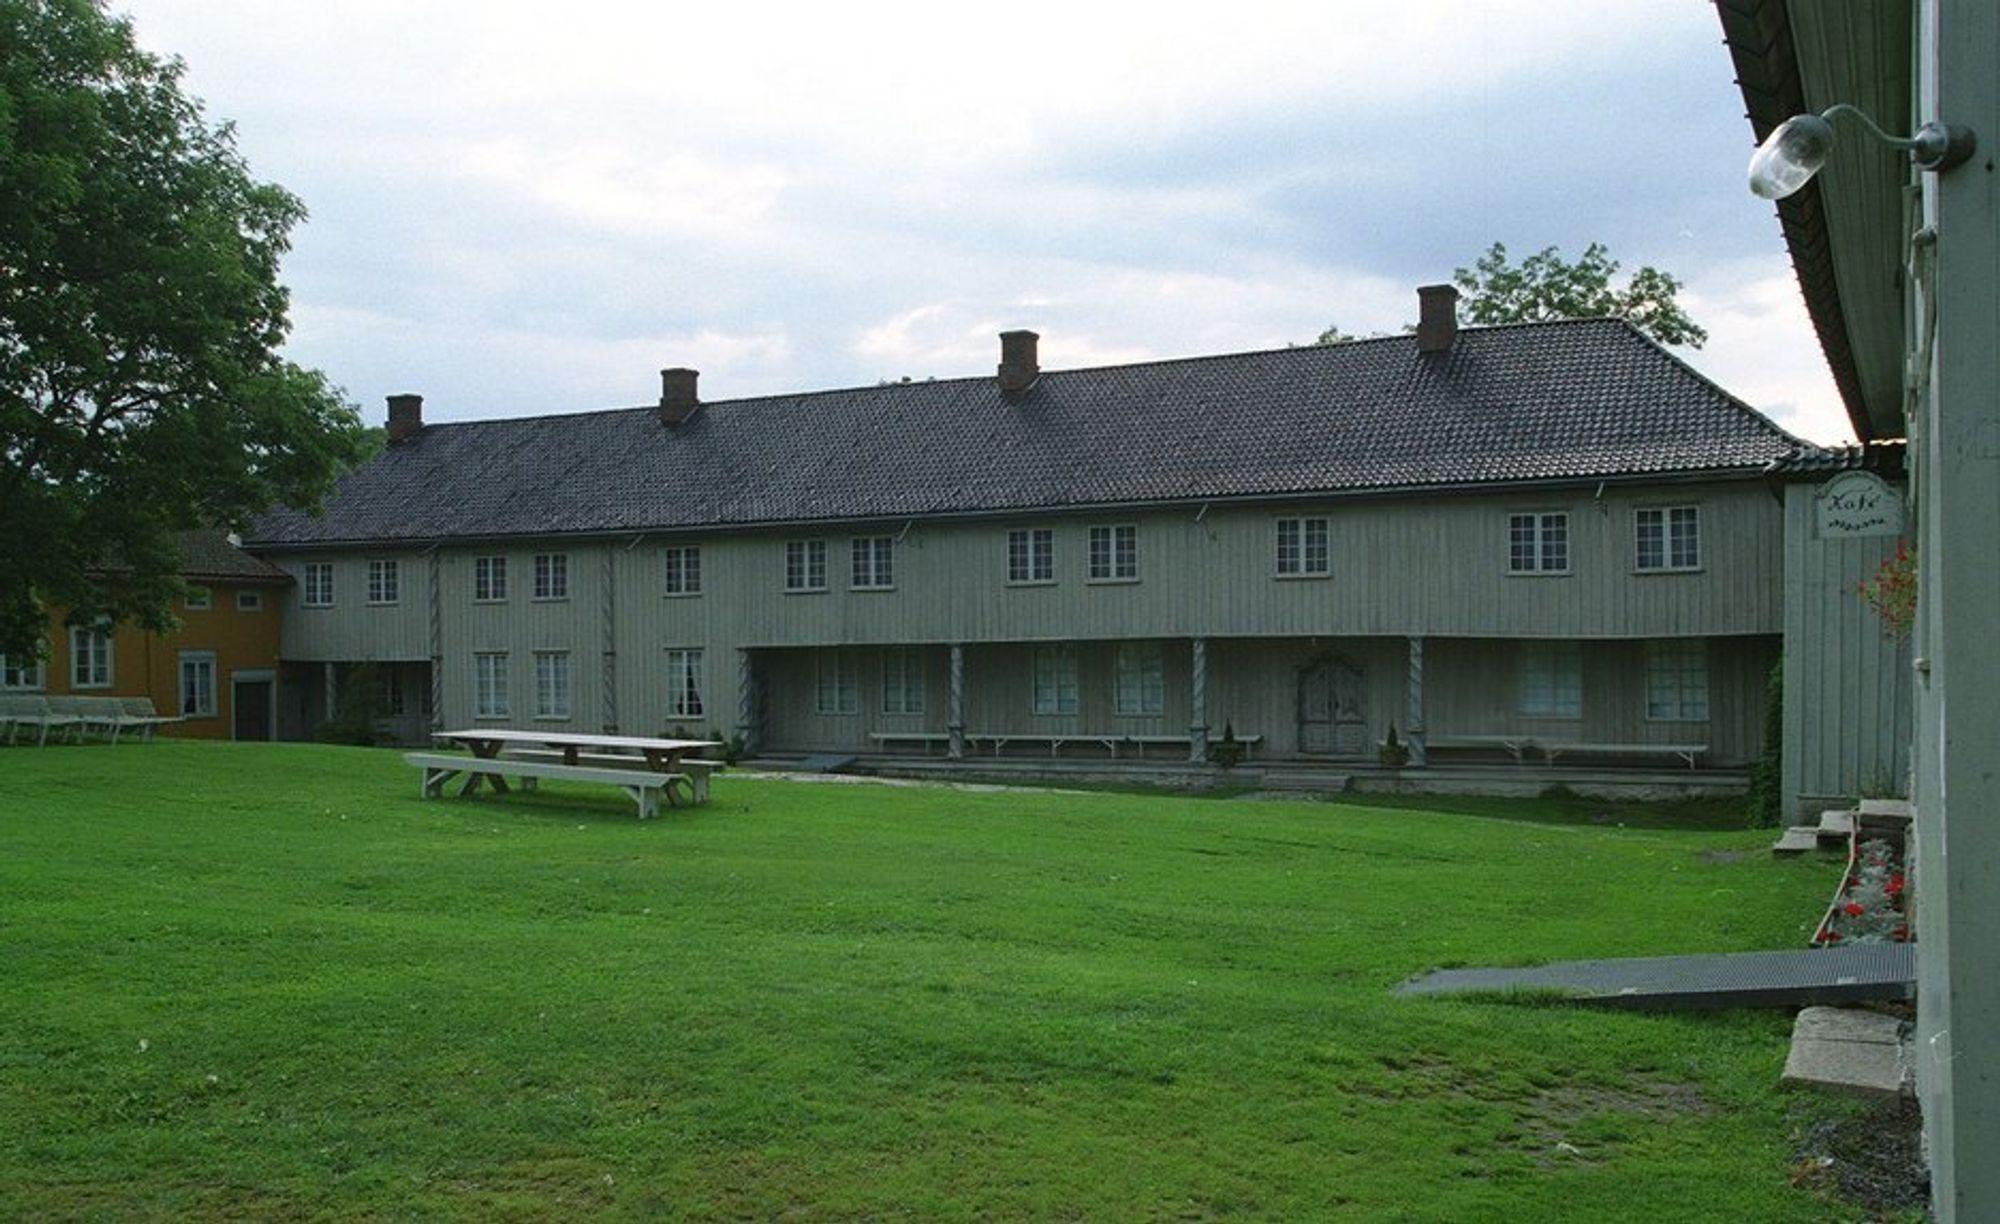 DYRT: De fleste fredede bygninger er i privat eie, og dyre å vedlikeholde. Bildet viser den fredede herregården Fossesholm (fra 1750-tallet) i Vestfossen i Øvre Eiker.